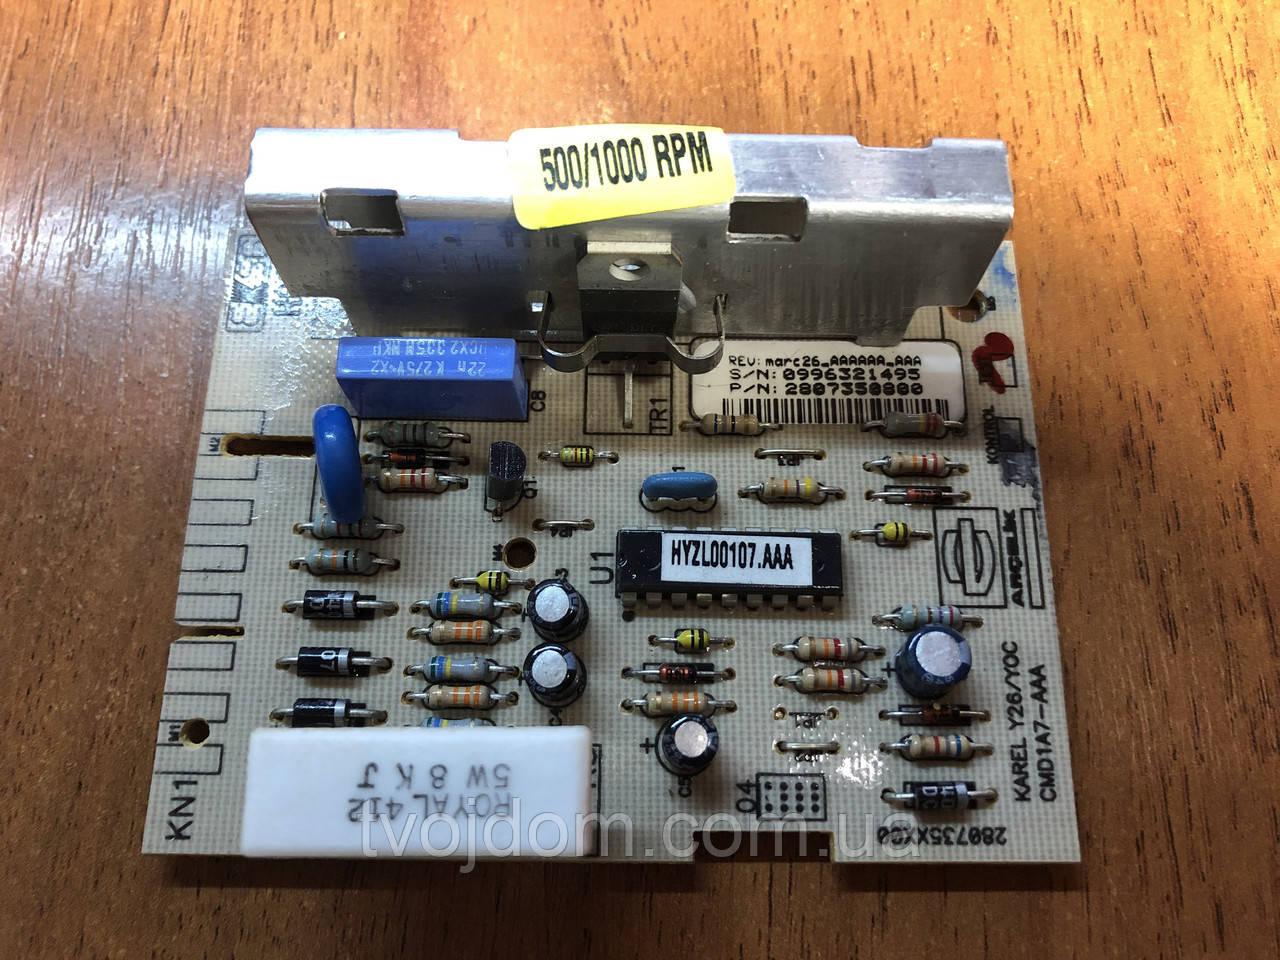 Модуль (плата) управления скоростью для стиральной машины Beko 2807350800